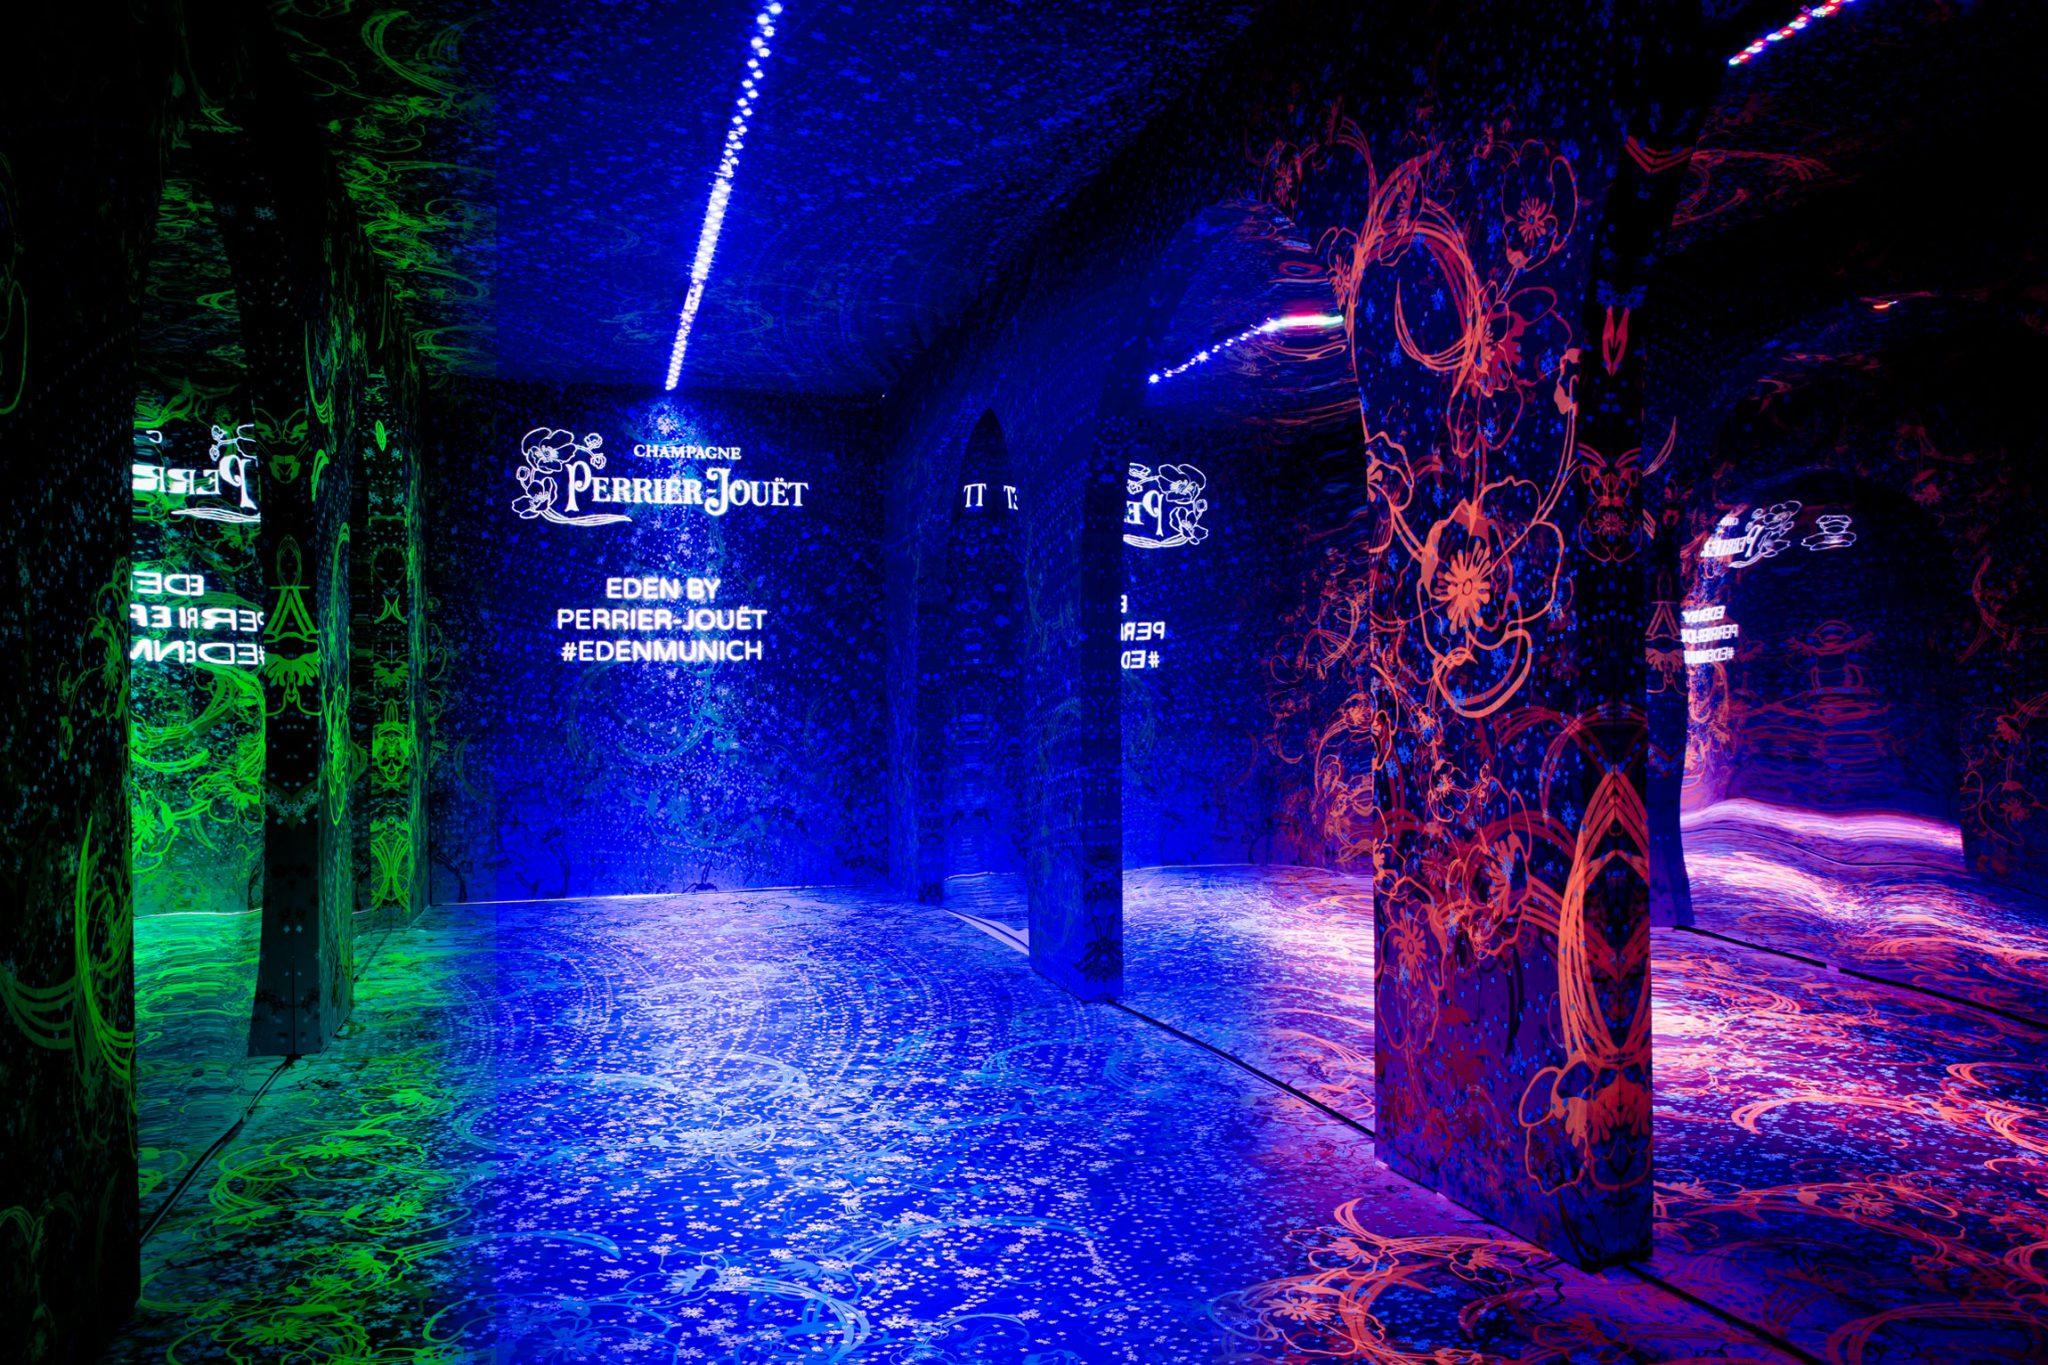 Perrier-Jouet, ArtOfTheWild, Stil Manipulation 2018, Eventgestaltung, Event Design